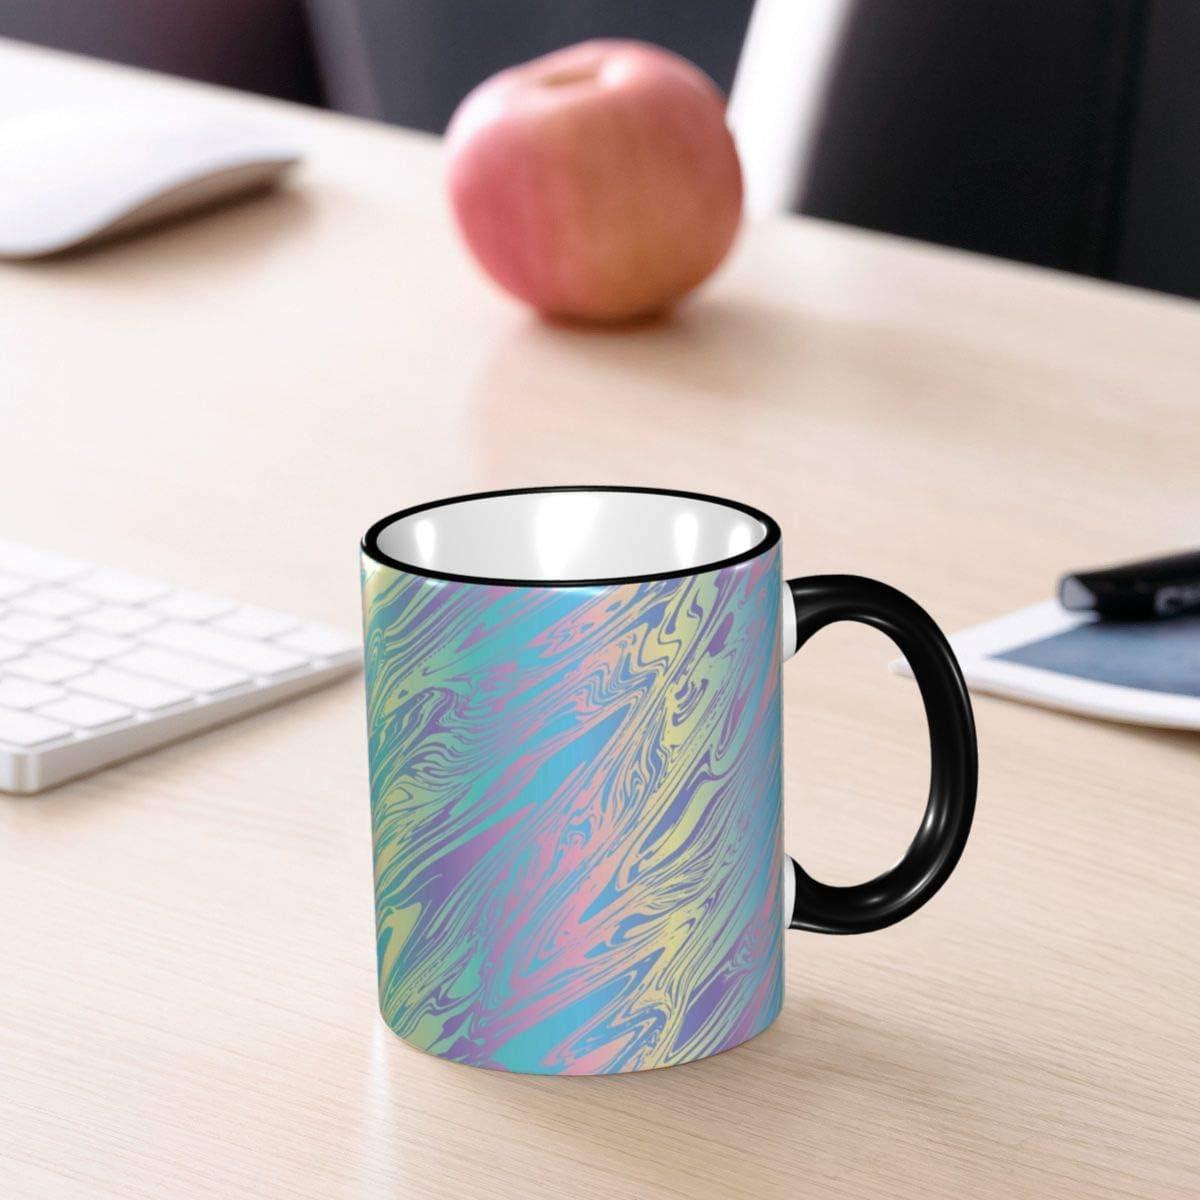 taza de t/é de 11 onzas compa/ñeros de trabajo YHJUI Taza divertida tazas de caf/é de cer/ámica de m/ármol hologr/áfico amigos el mejor regalo o recuerdo para familiares